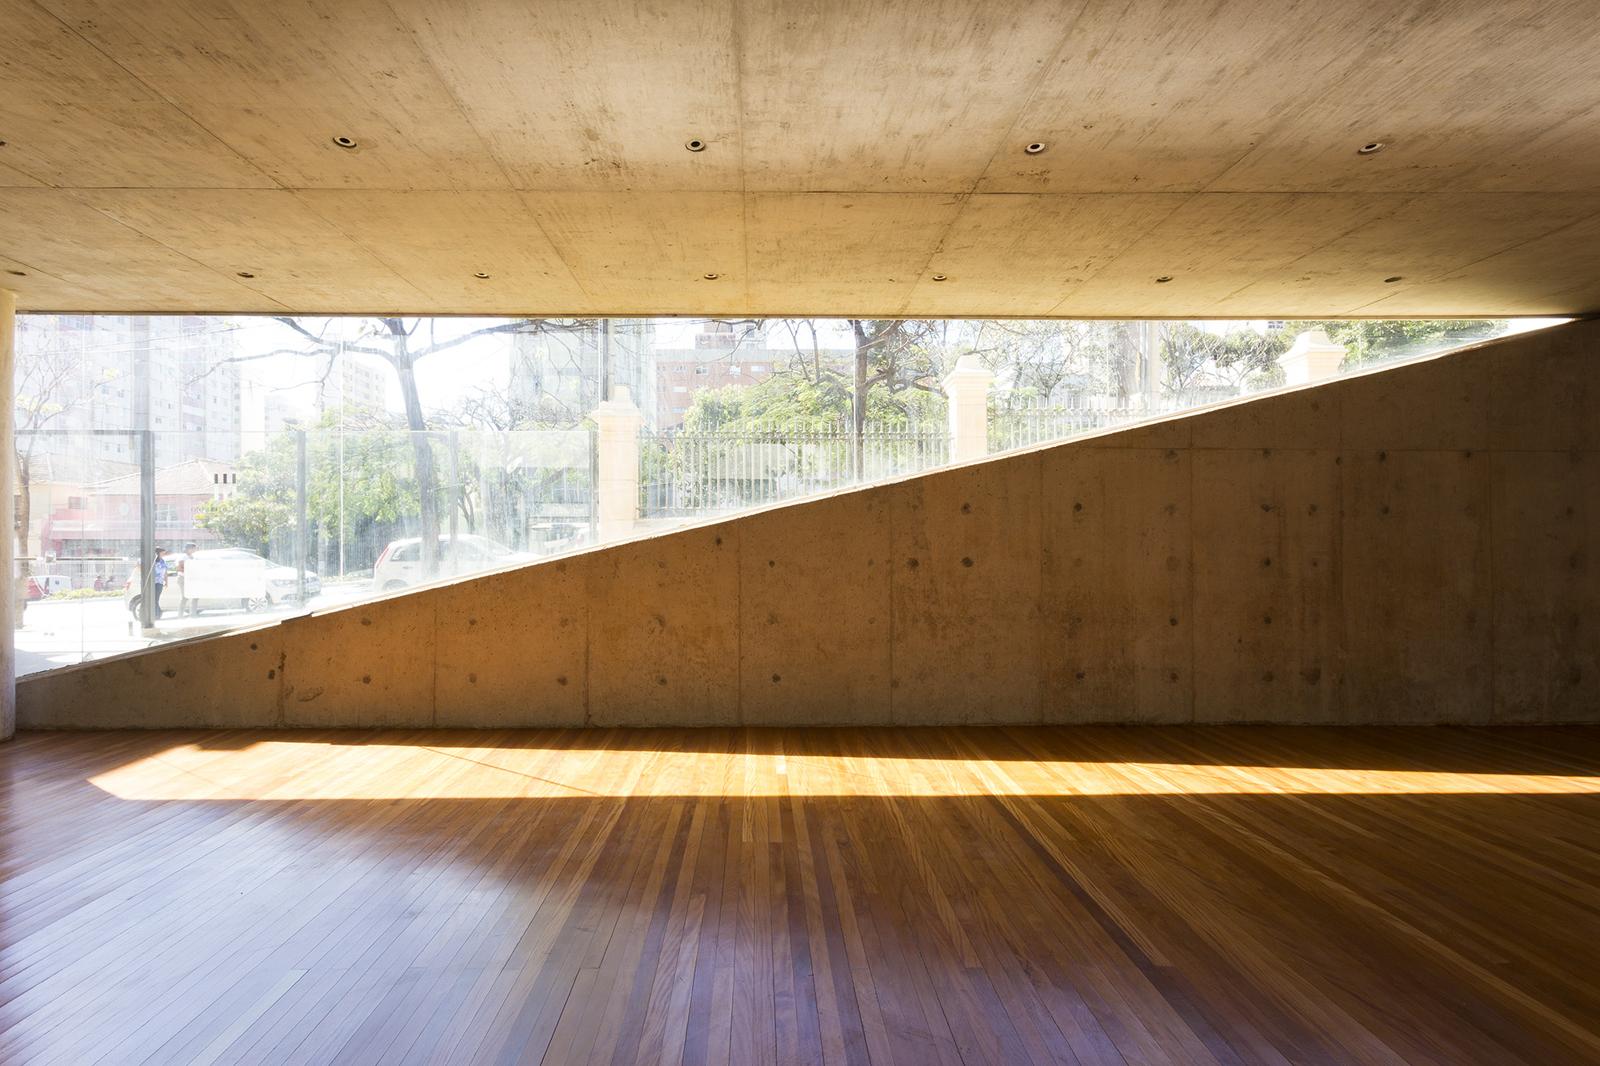 MUSEU MINEIRO_GABRIEL CASTRO_05_WEB.jpg